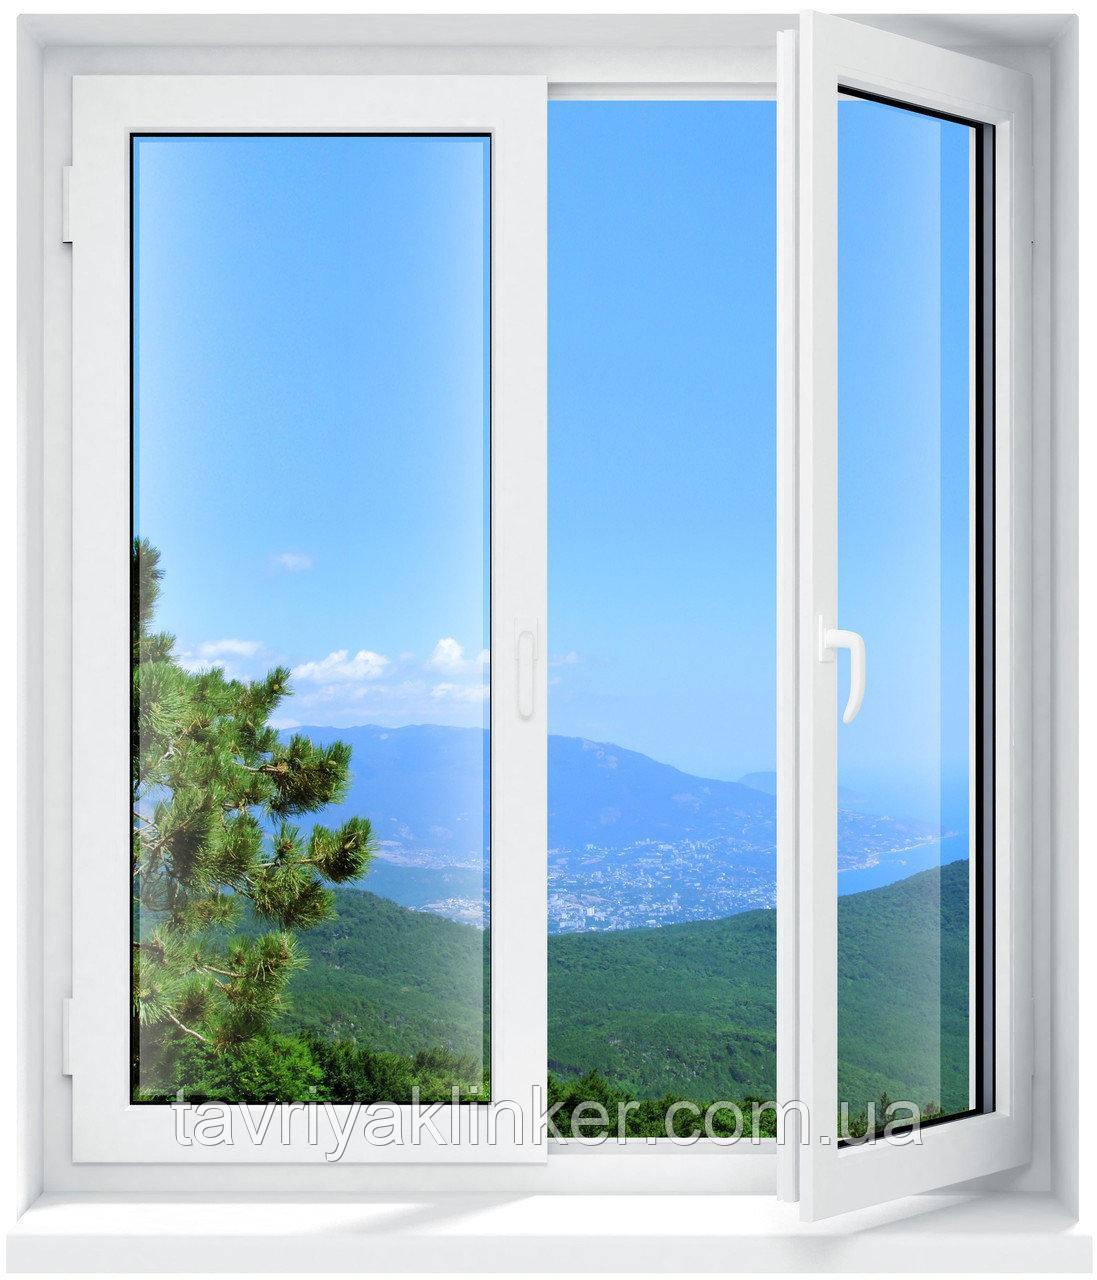 Двухчастное поворотно-откидное окно Брокельман 5 кам 1300*1400